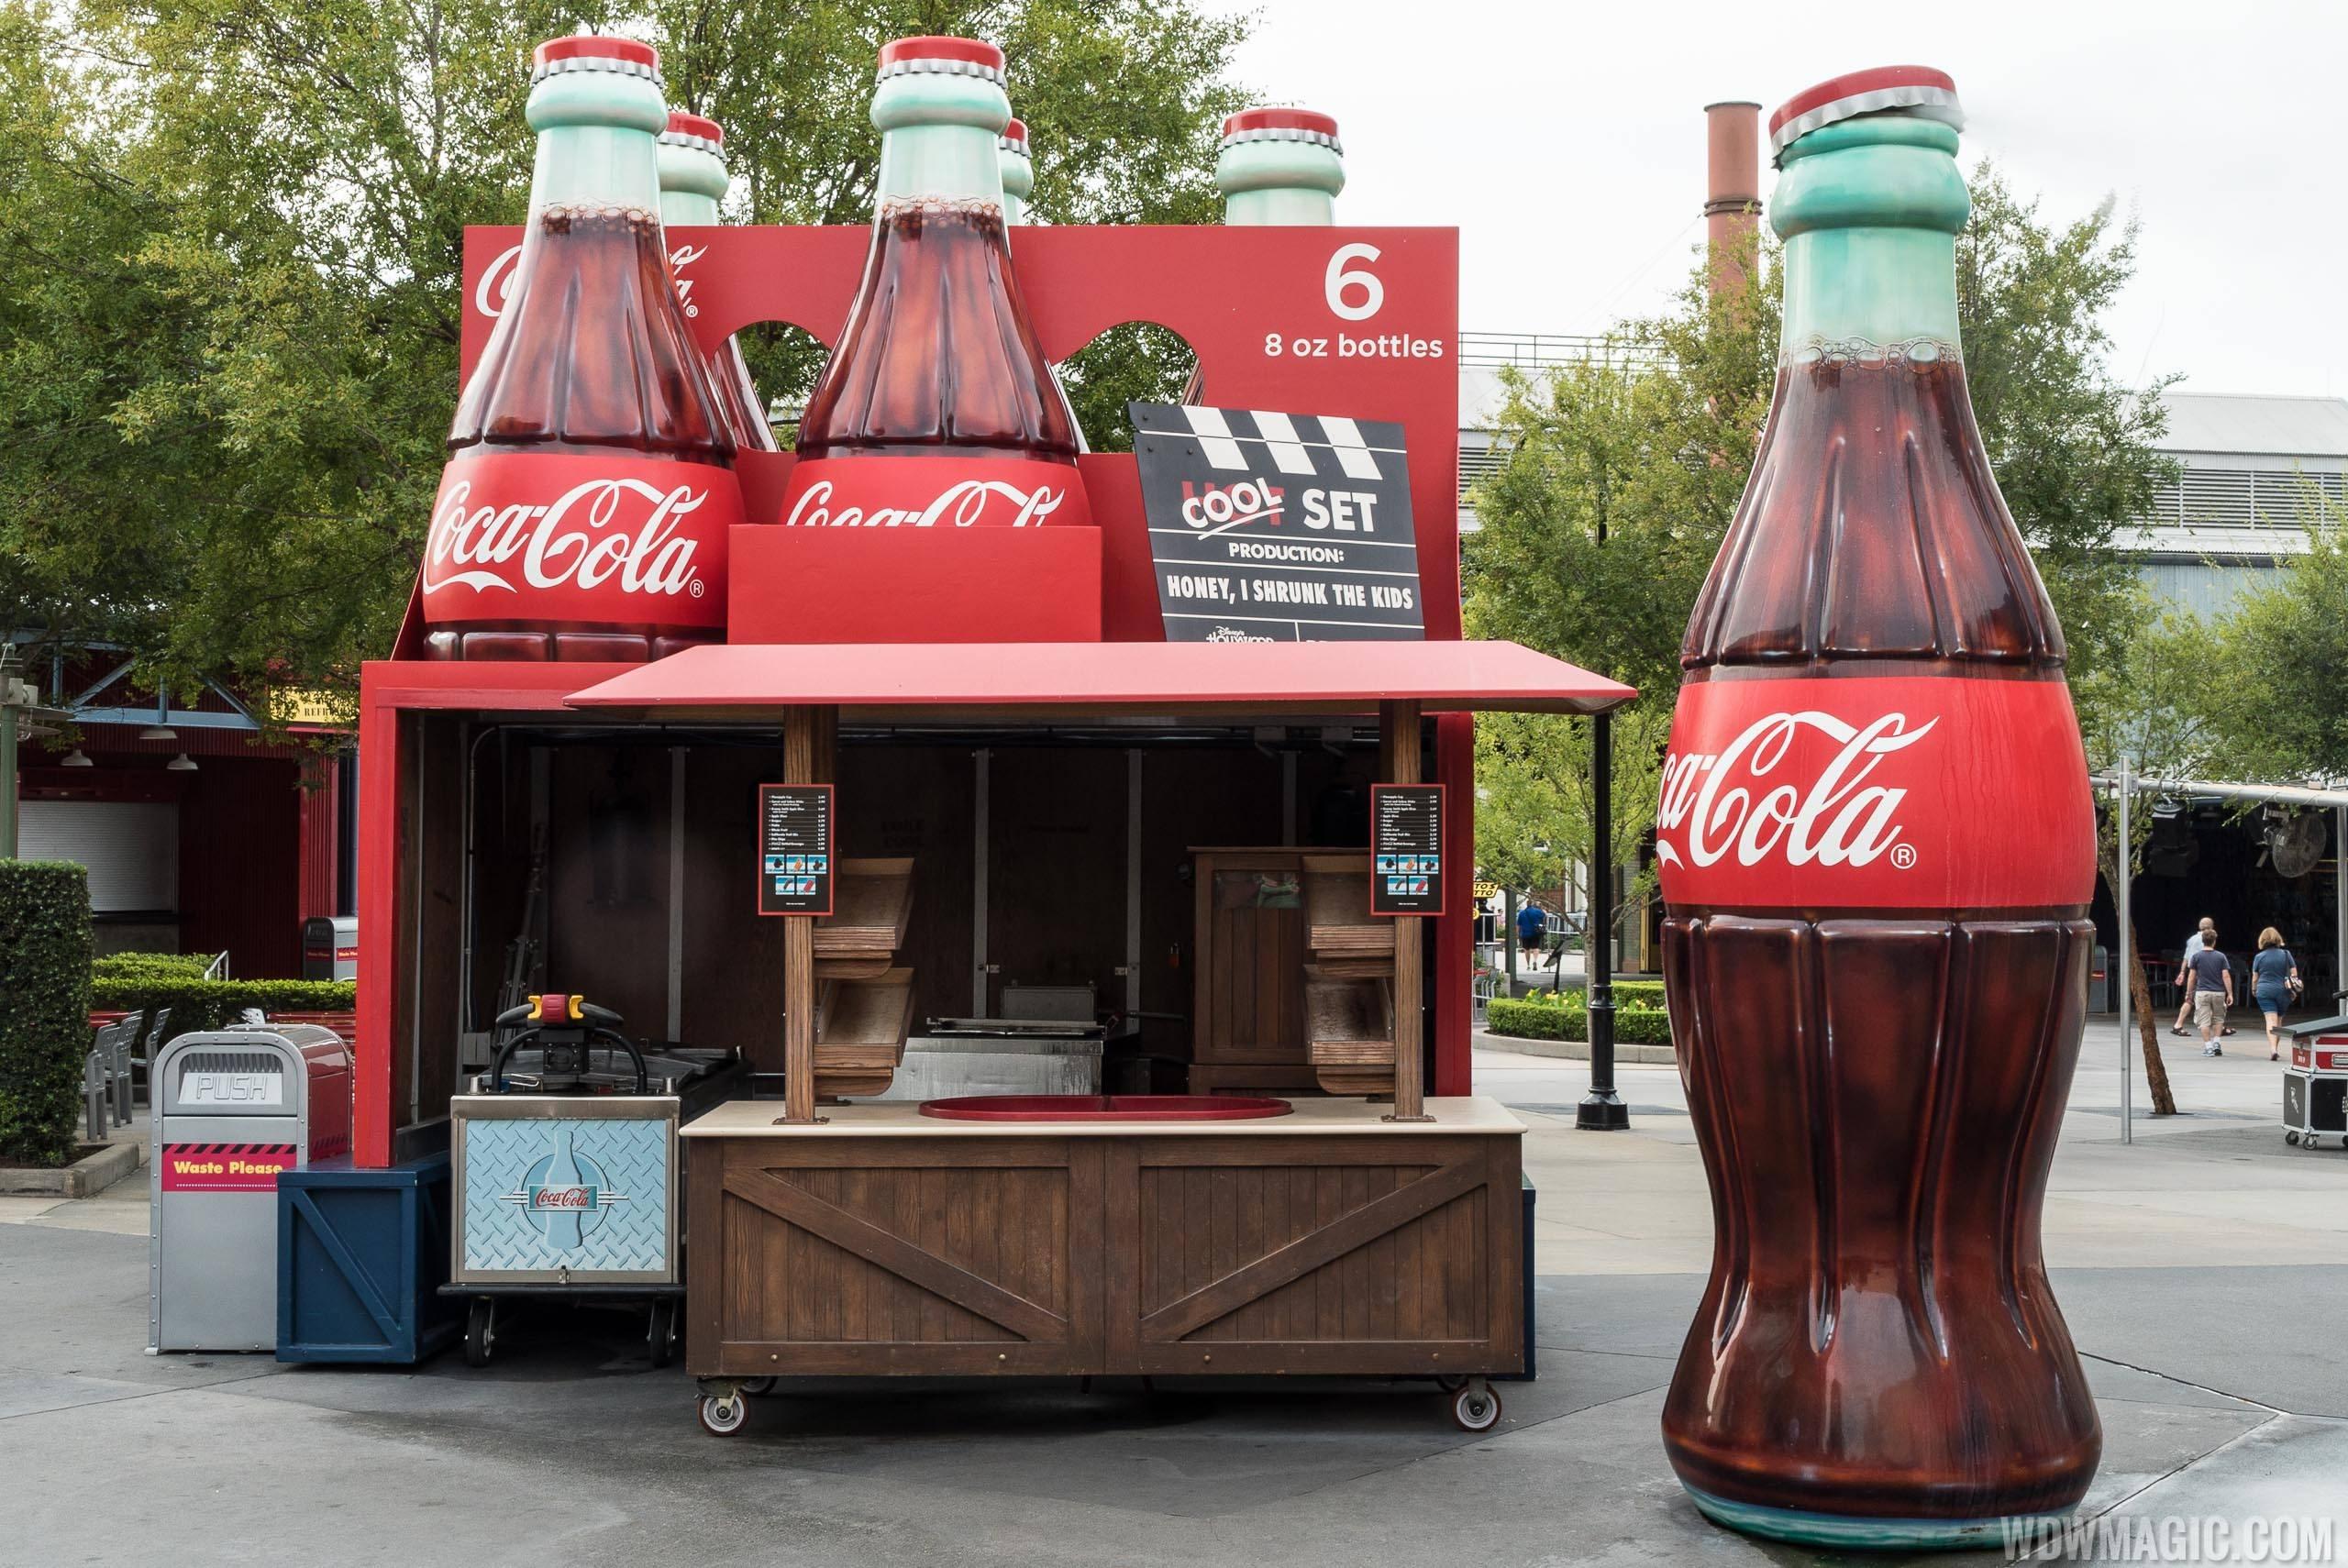 Coke Bottle Cool Zone overview